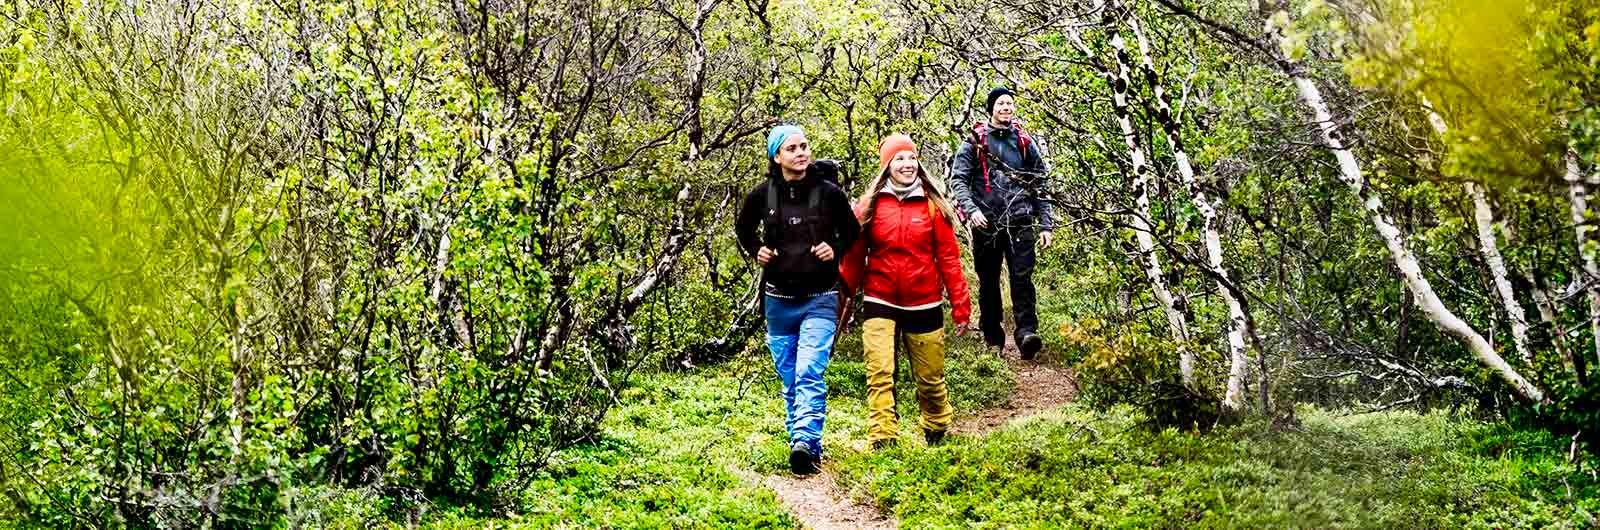 Vandrare i skogen på vandringens dag